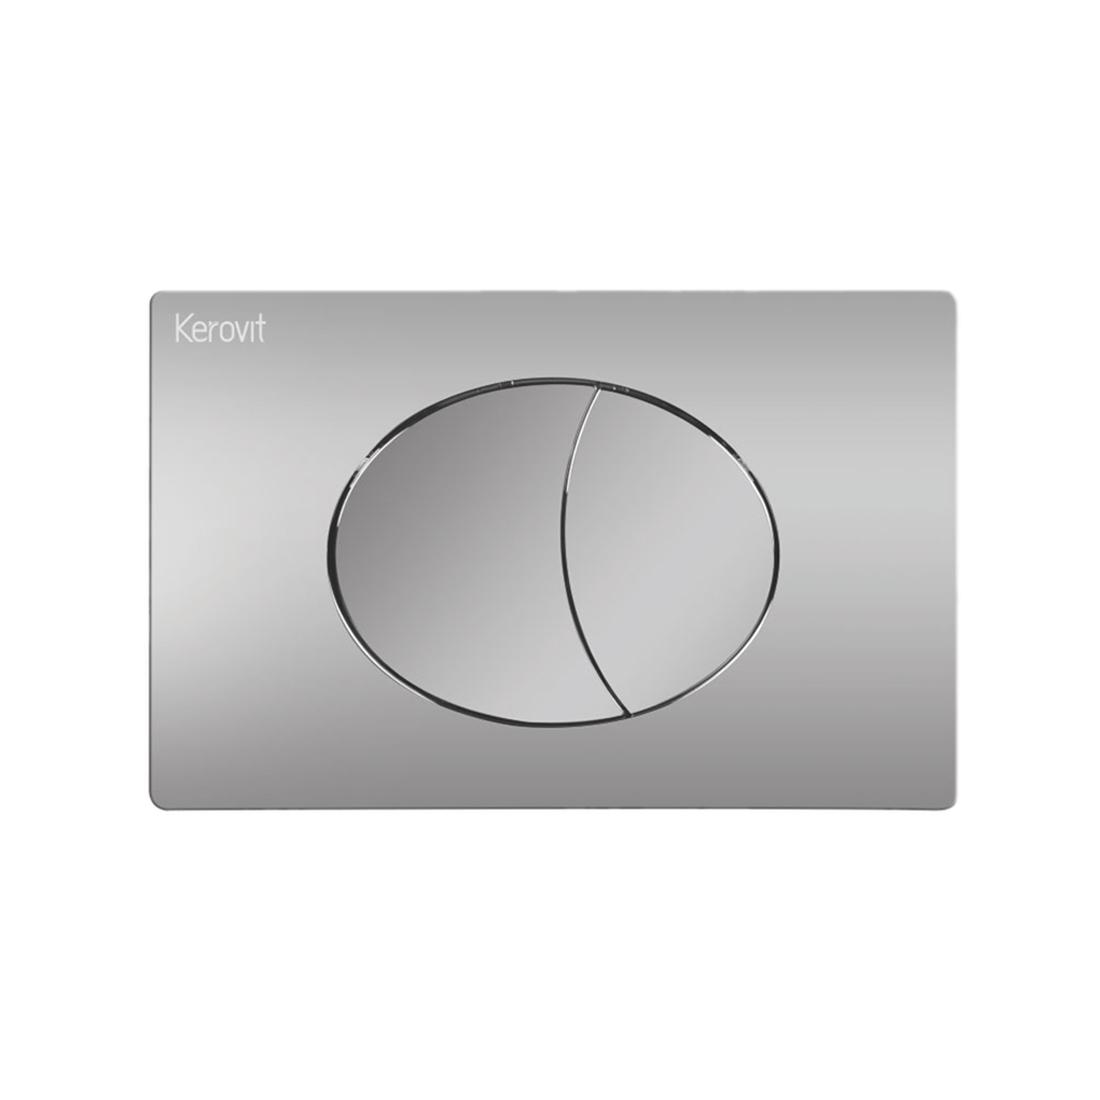 Kerovit Ege KB23621 Flush Plate